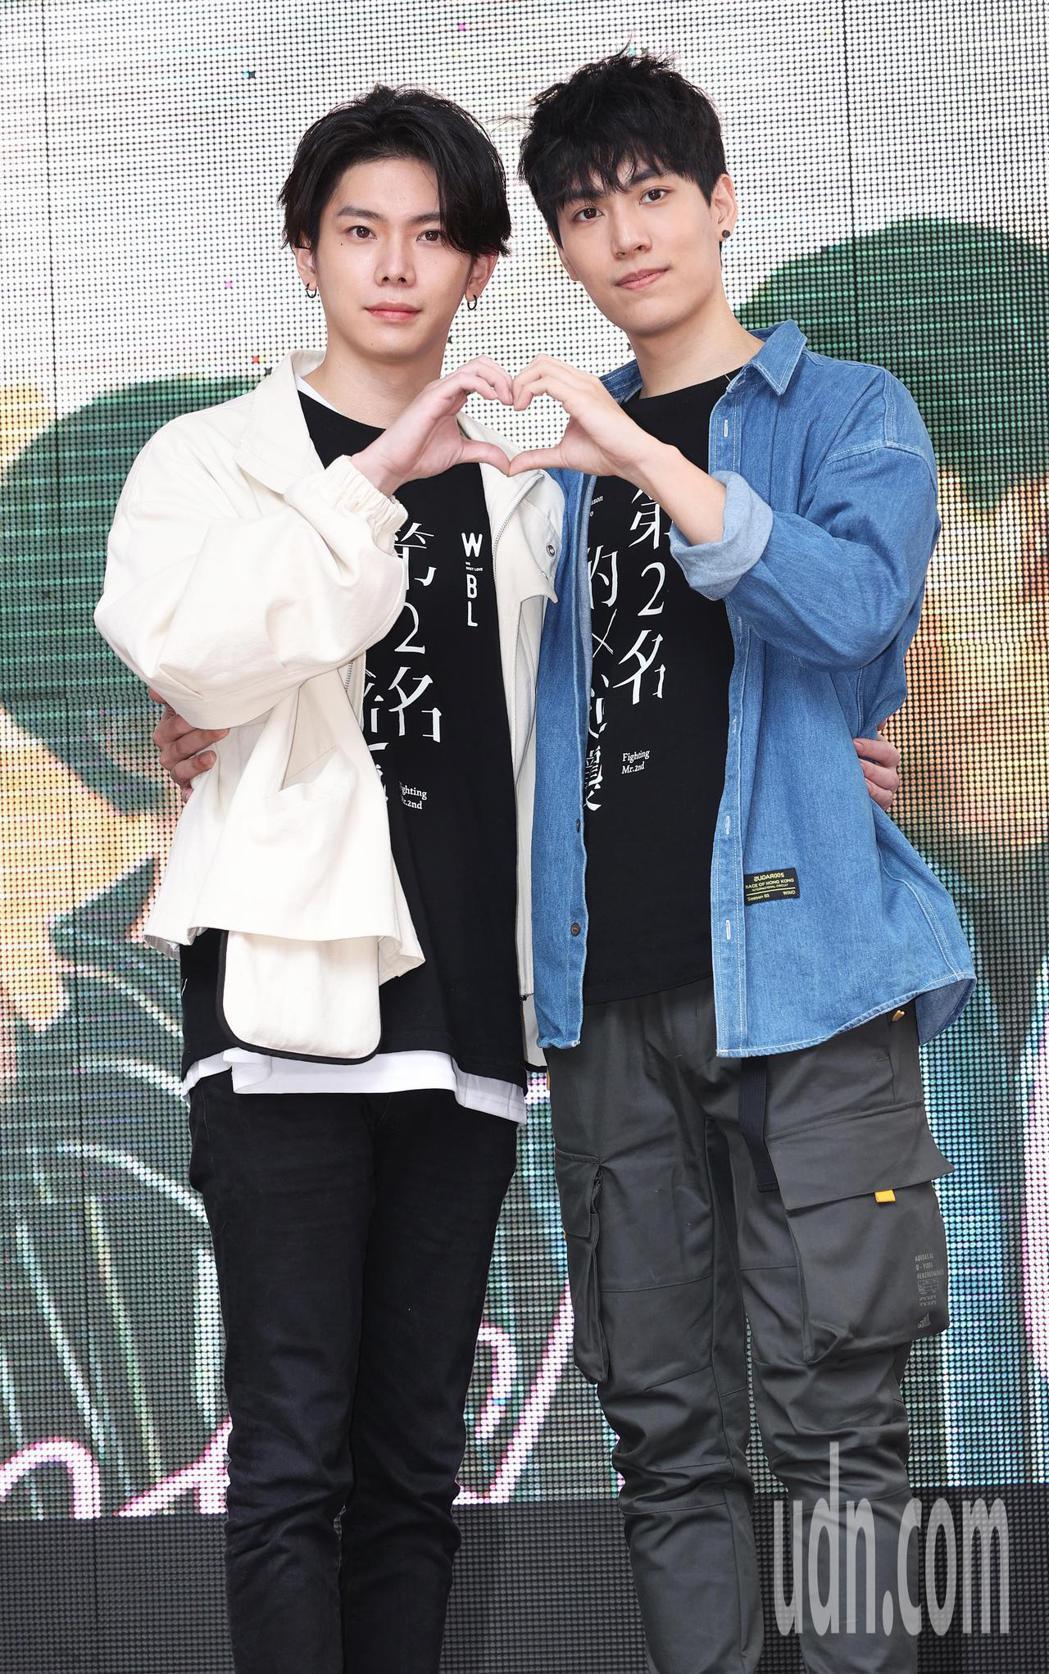 「第二名的逆襲」影集主要演員林子閎(右)與楊宇騰(左)今天與粉絲見面。記者潘俊宏